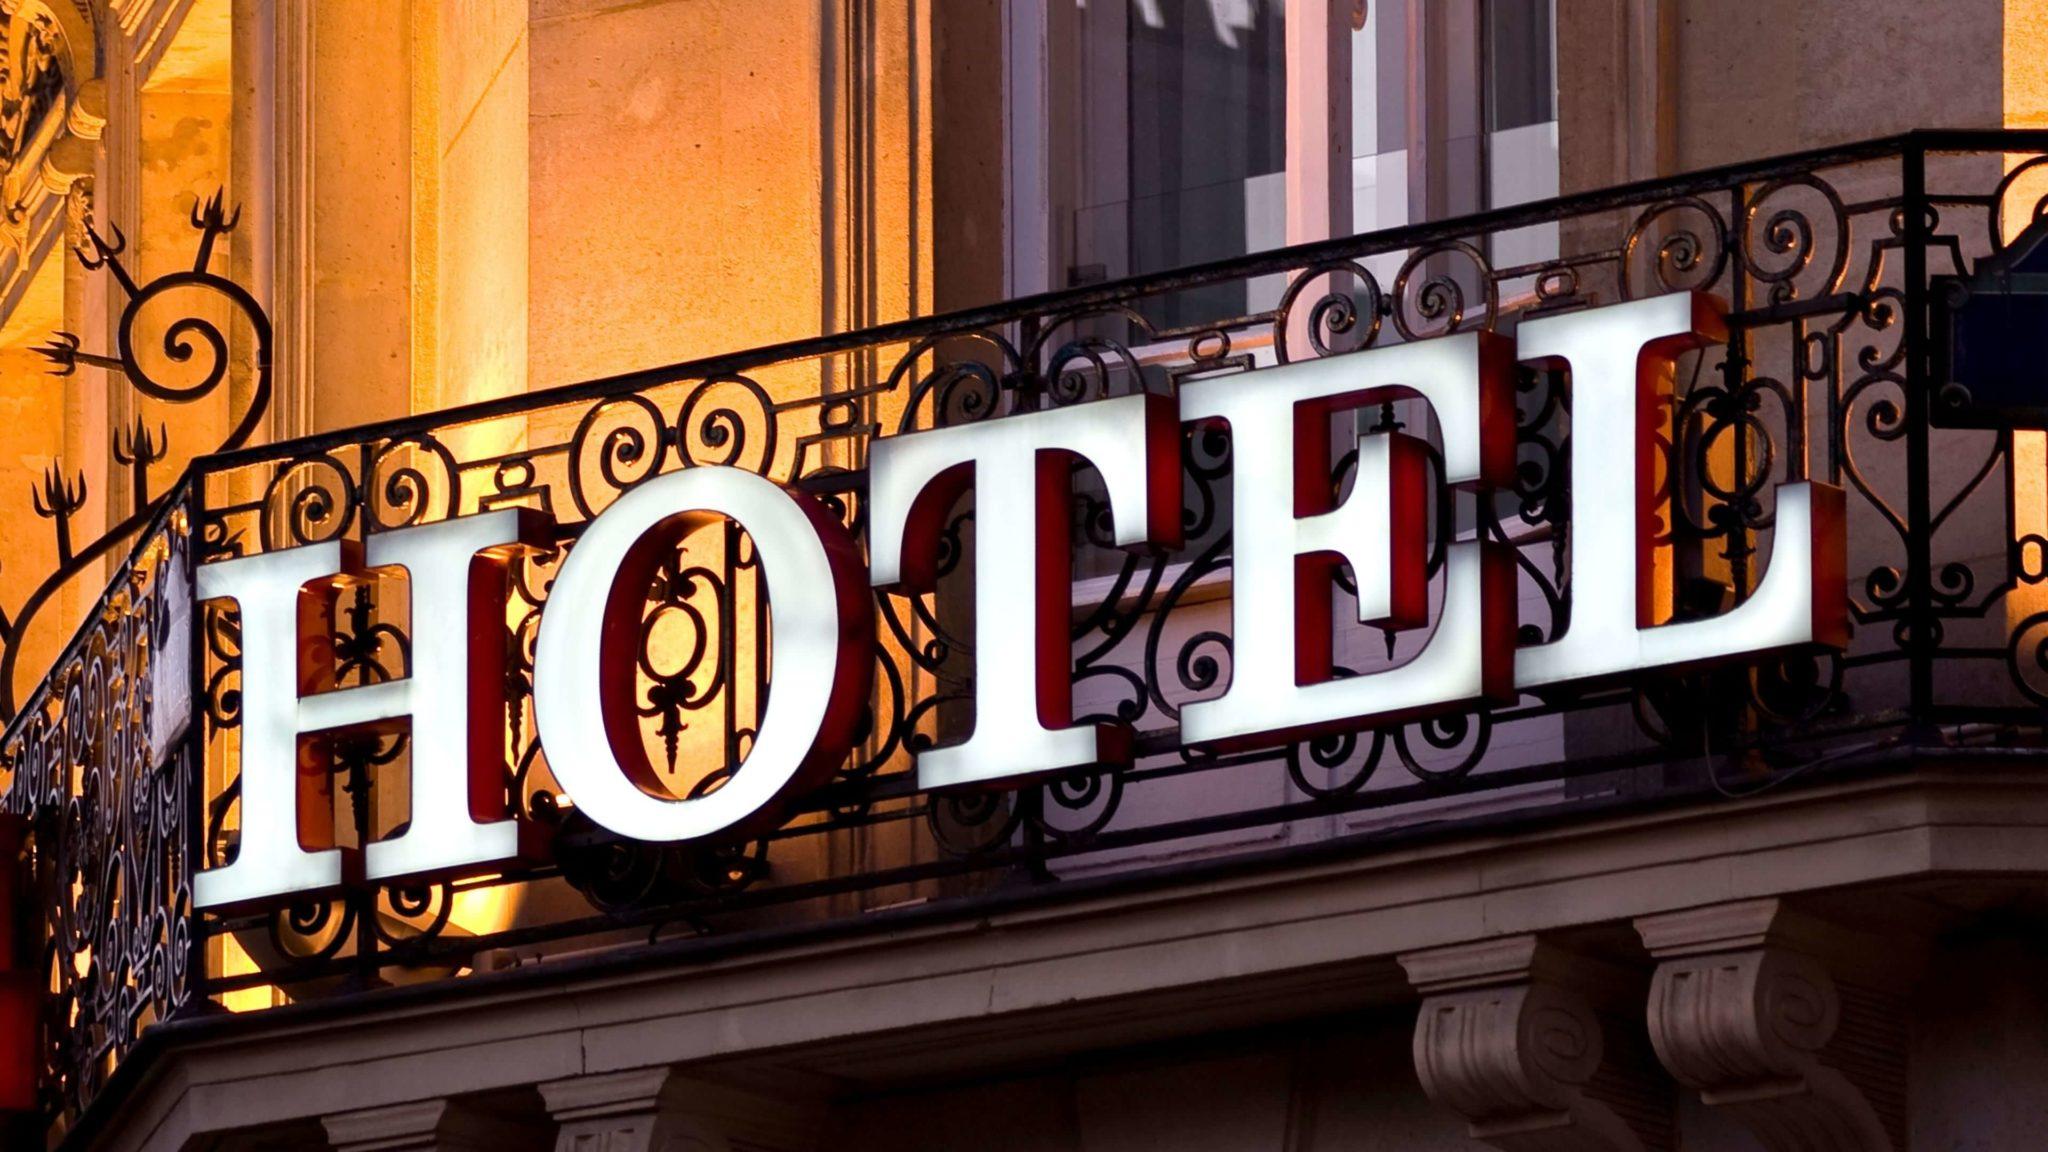 hotele kwarantanny